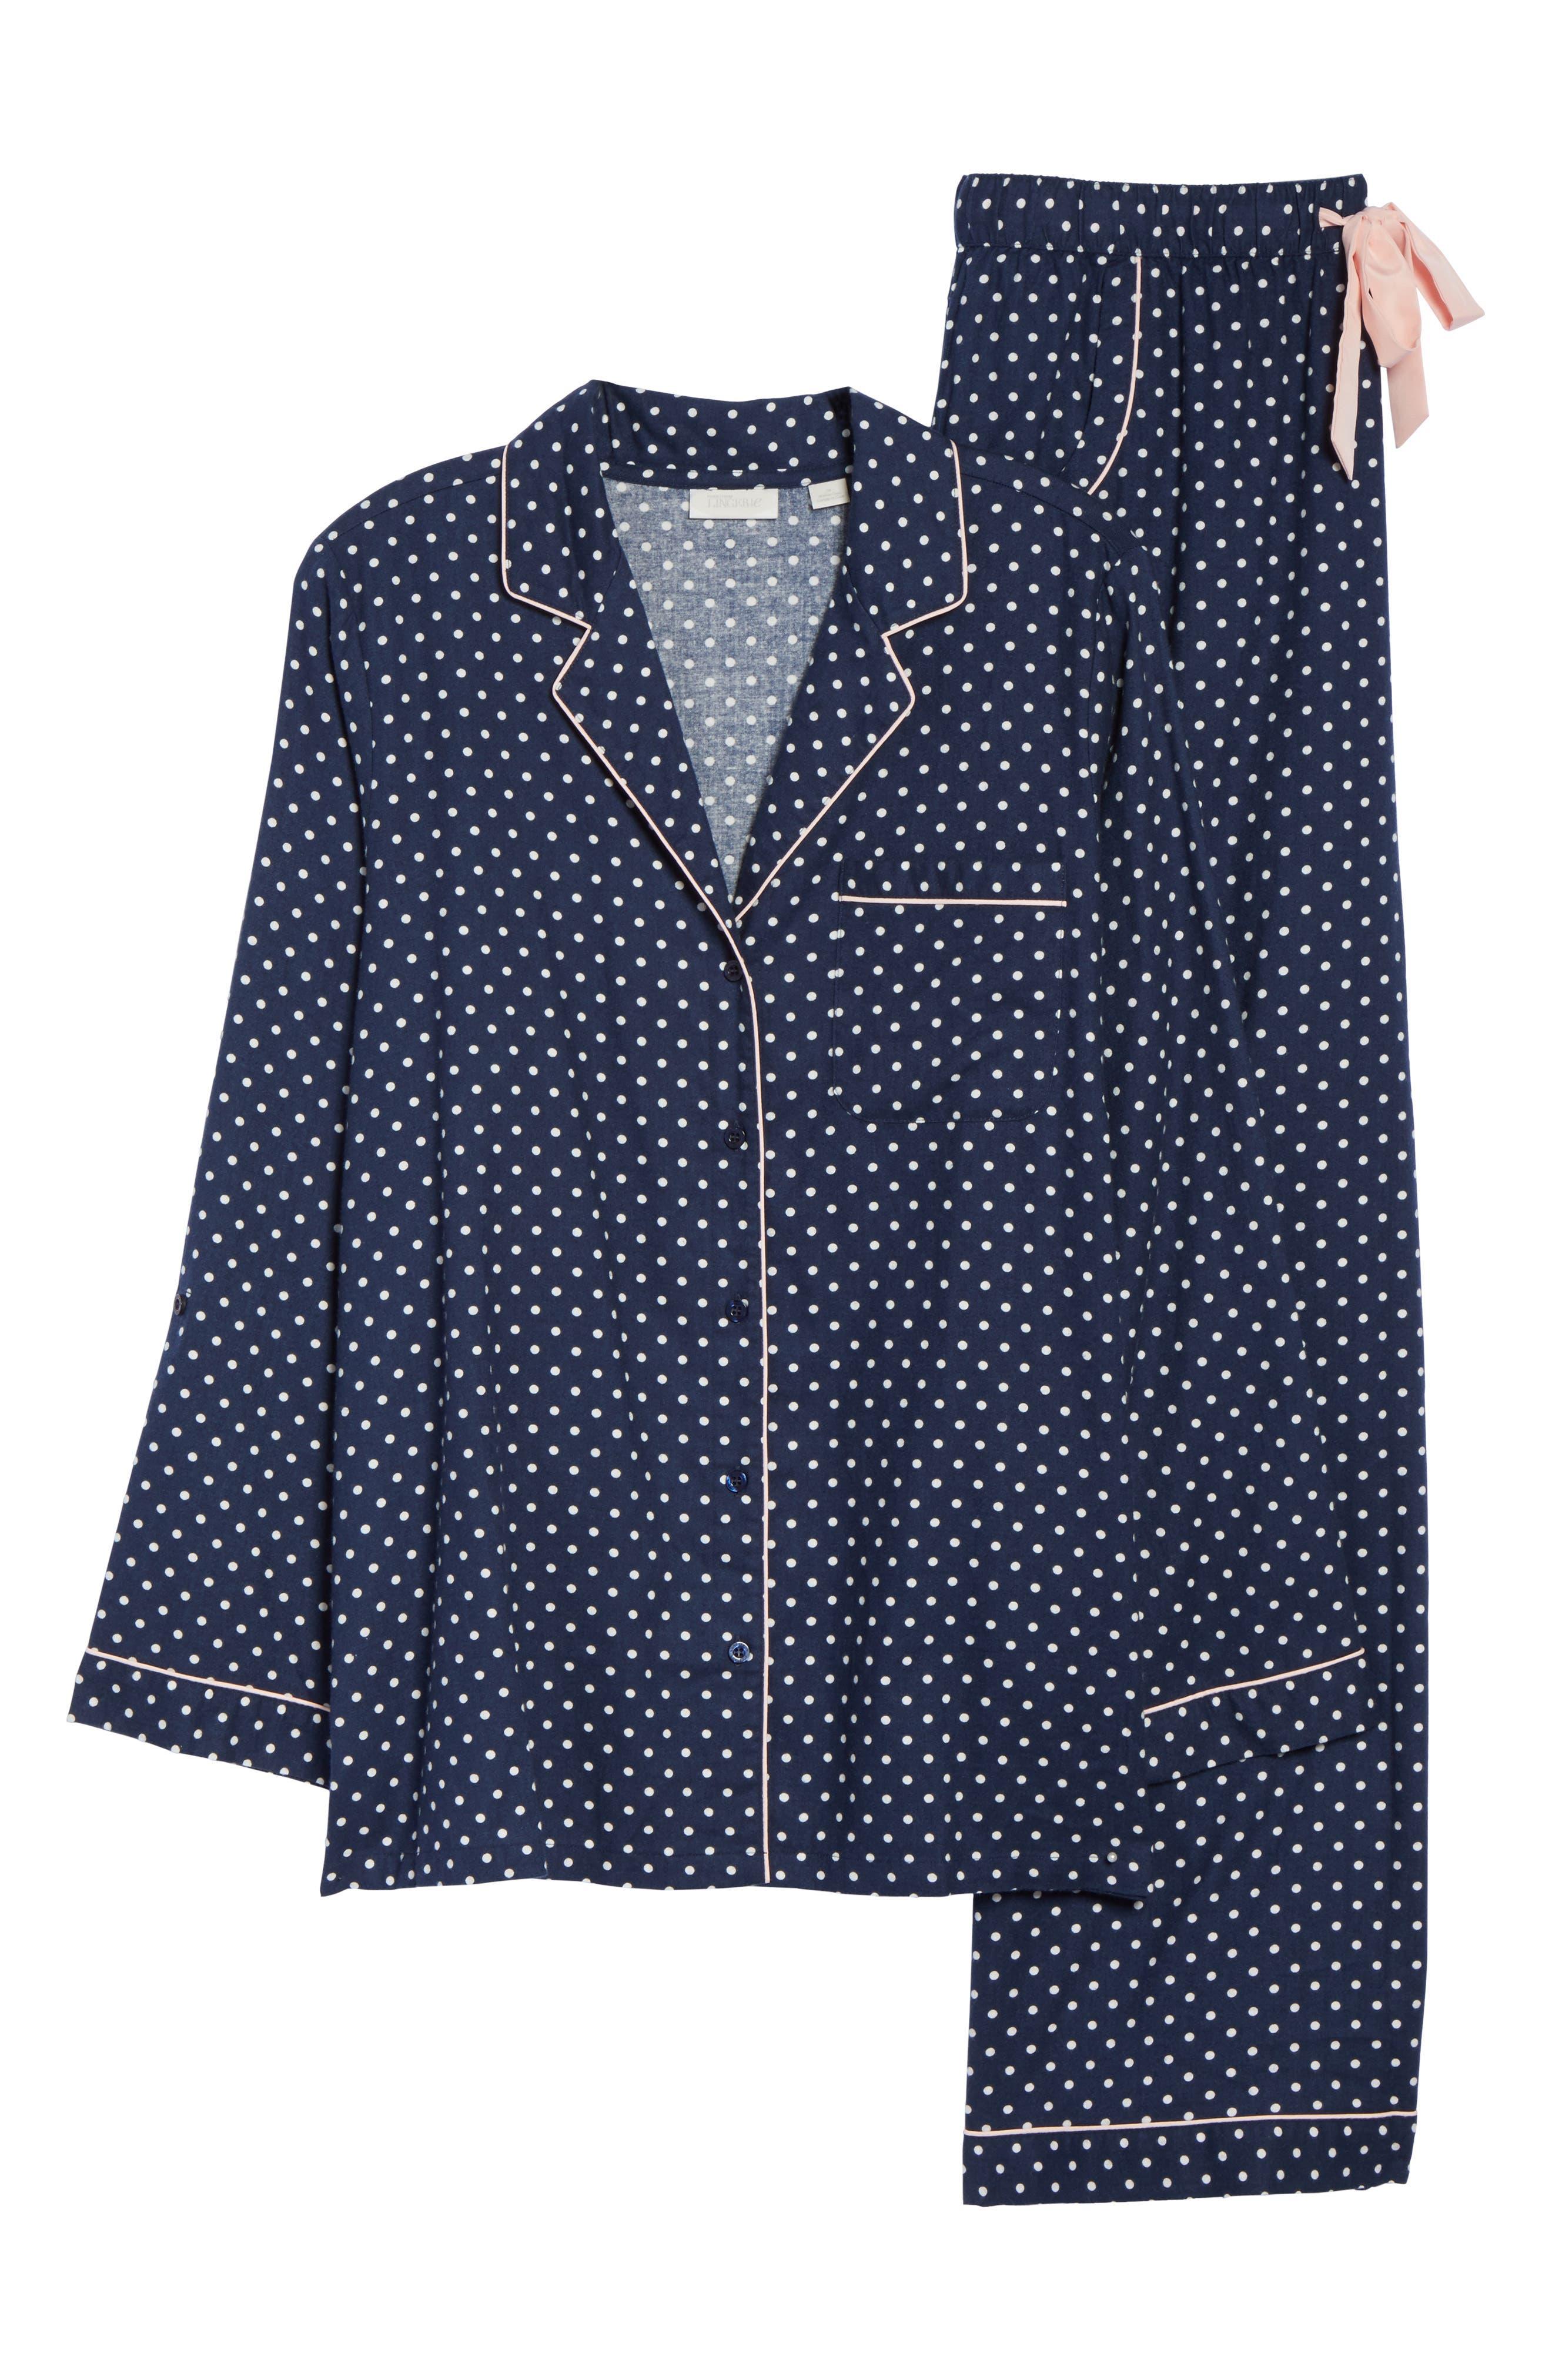 Cotton Twill Pajamas,                             Alternate thumbnail 4, color,                             Navy Peacoat Flirty Polka